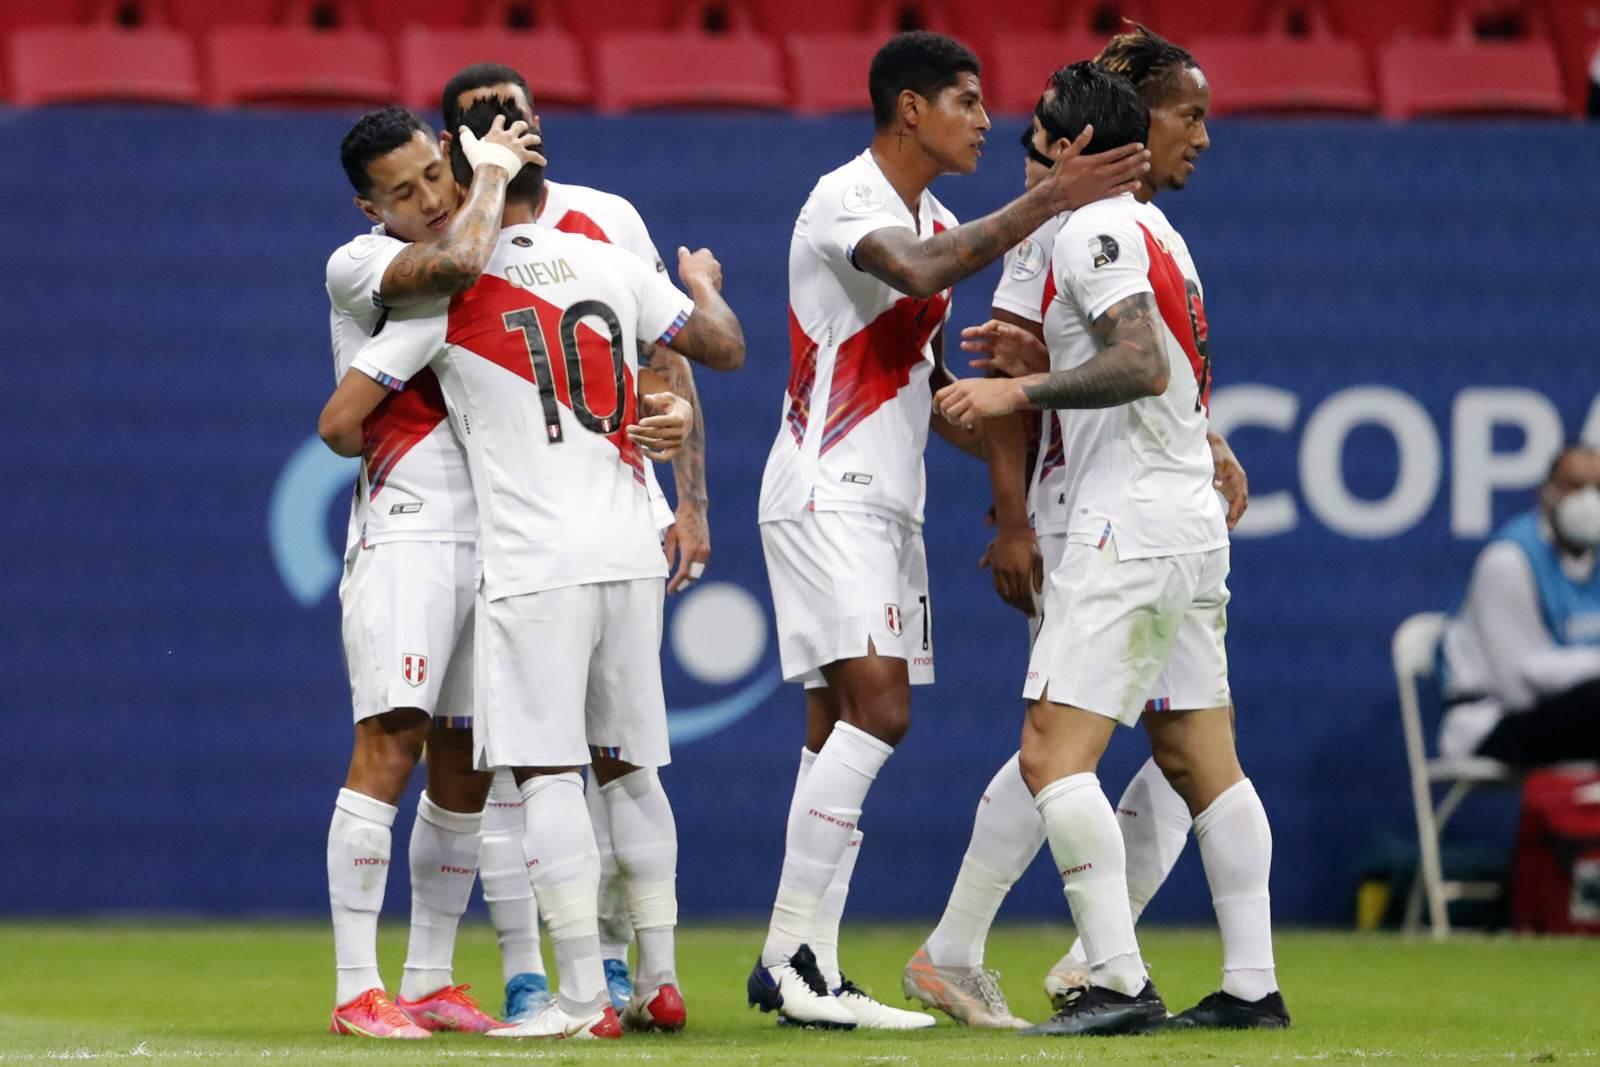 Перу – Венесуэла: прогноз на матч отборочного цикла чемпионата мира-2022 - 6 сентября 2021